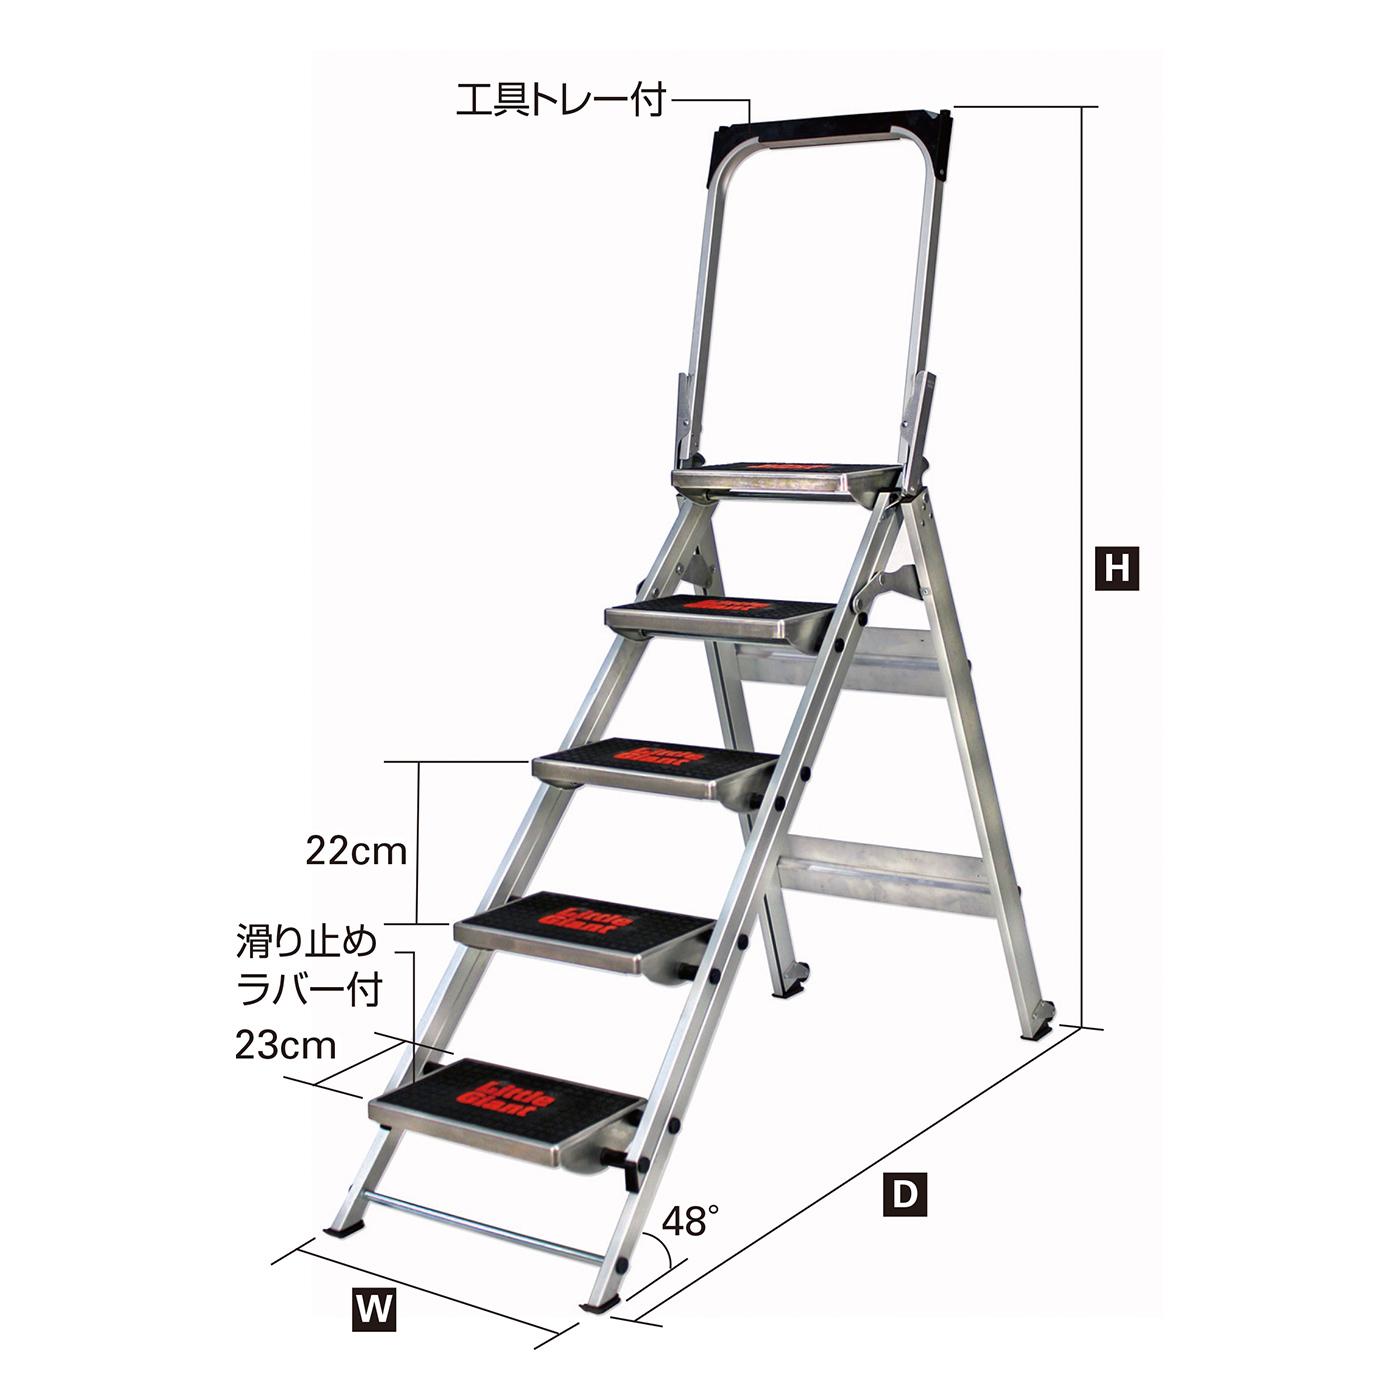 作業台 梯子、脚立のパイオニア 長谷川工業株式会社